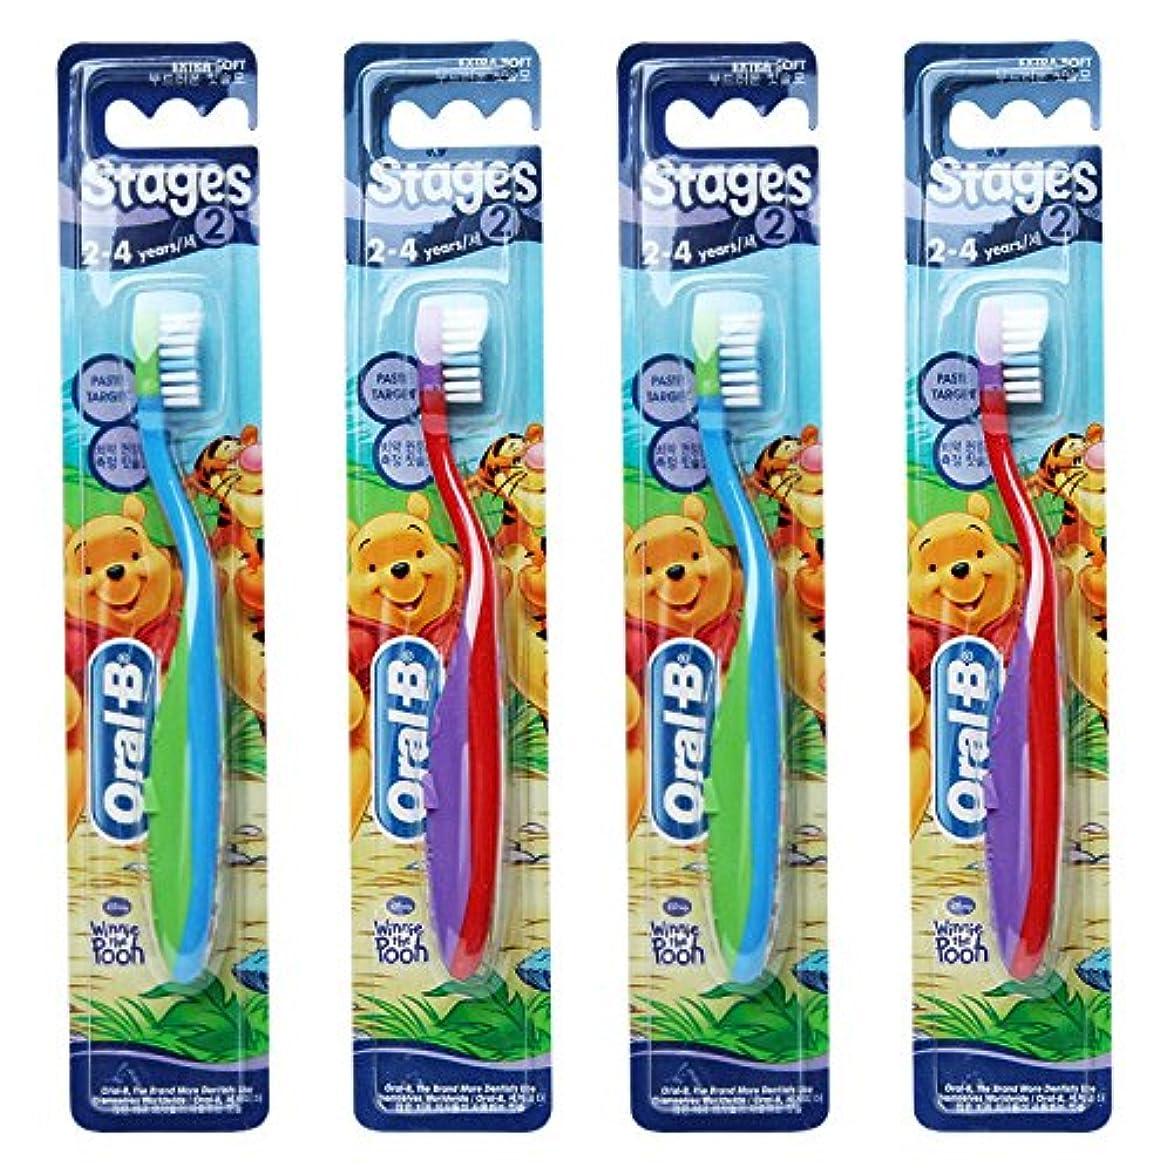 評論家休憩構想するOral-B Stages 2 Toothbrush 2 - 4 years 4 Pack /GENUINEと元の梱包 [並行輸入品]